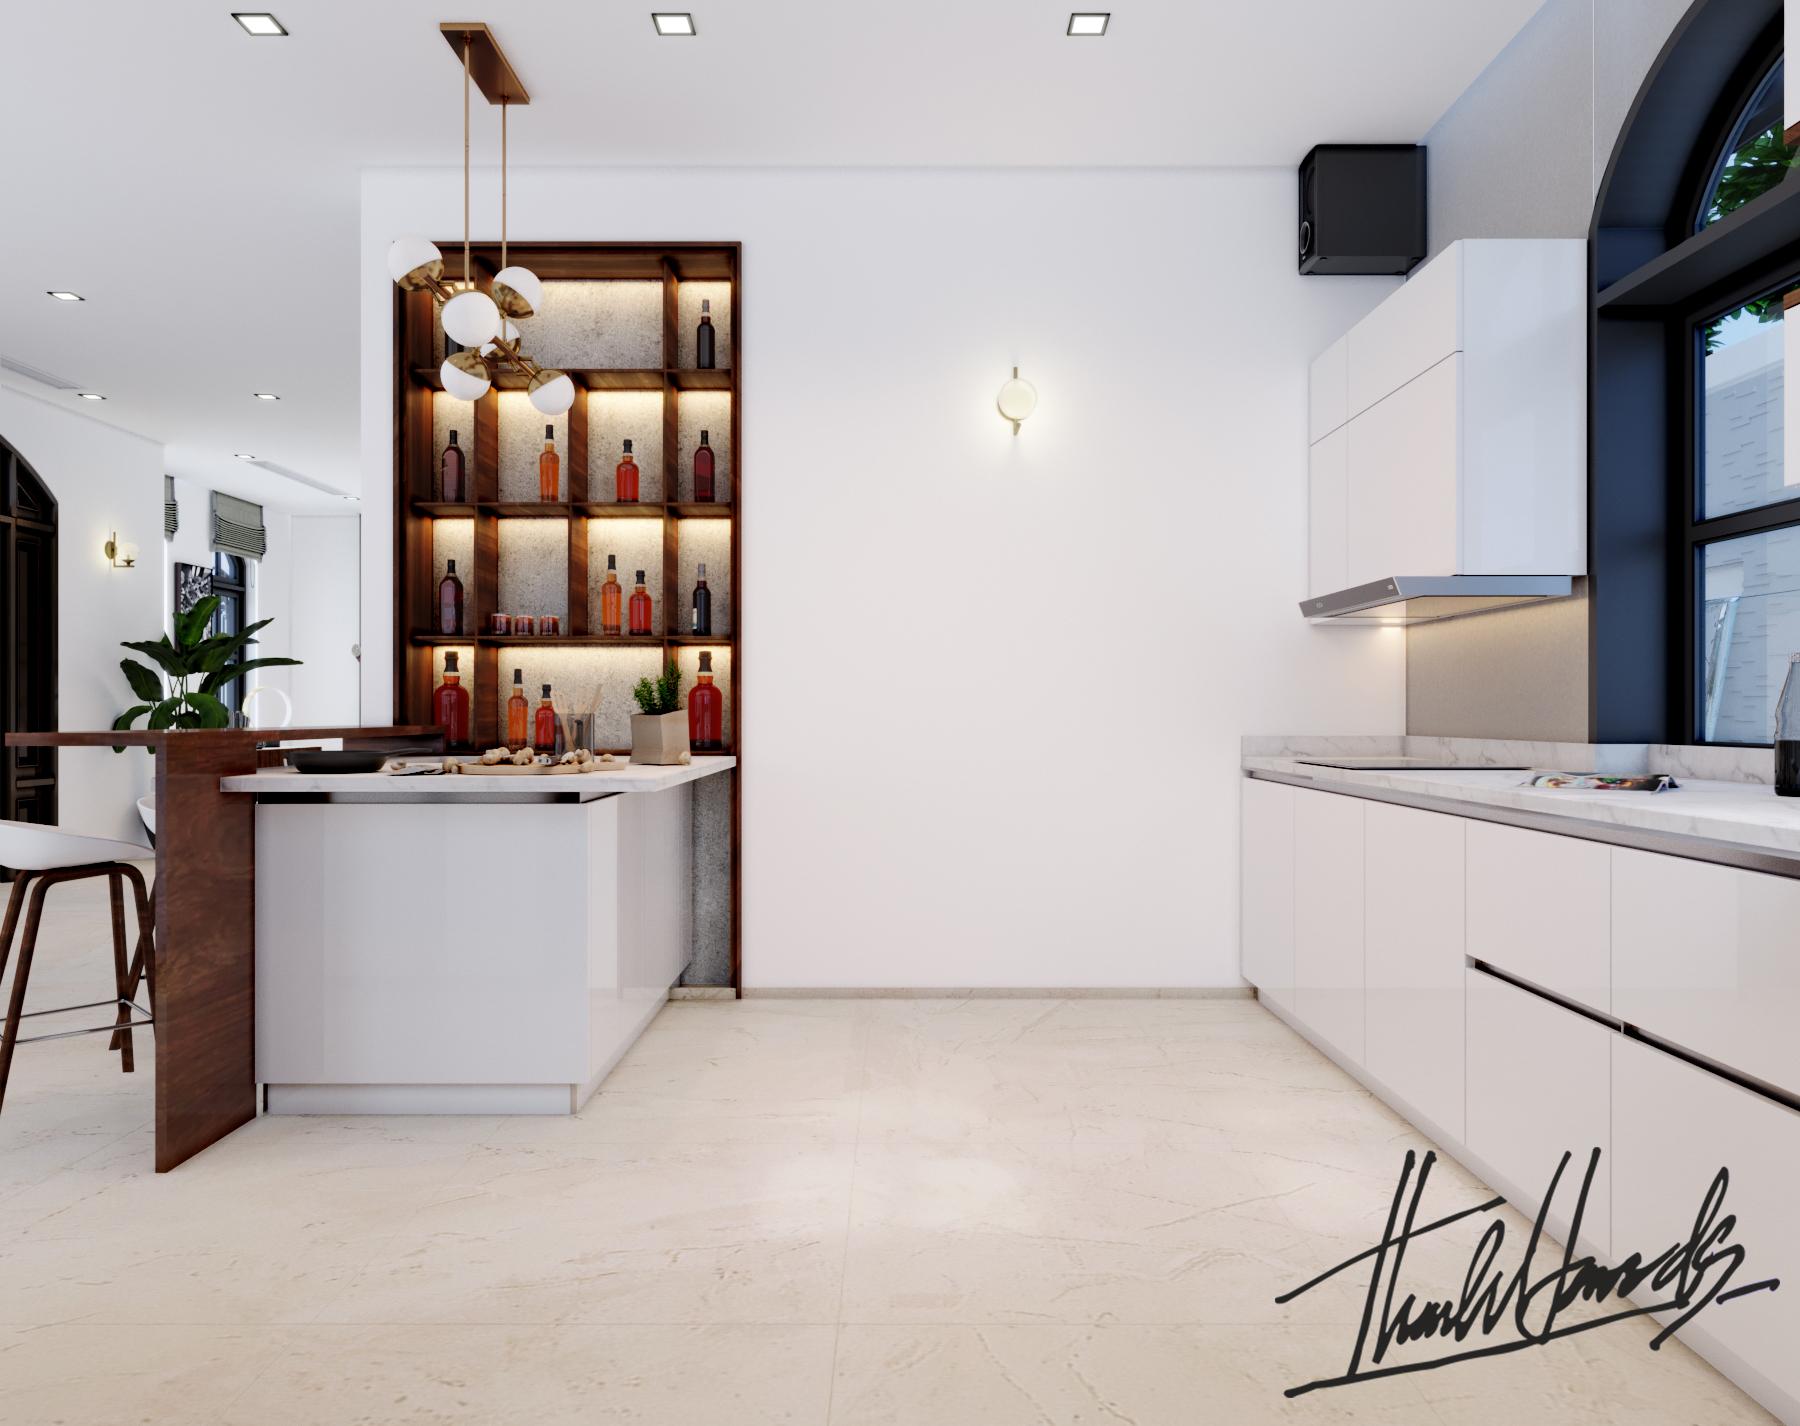 thiết kế nội thất Biệt Thự tại Hải Phòng Biệt thự Vinhomes - imperia ( khu VEN) 14 1568278756